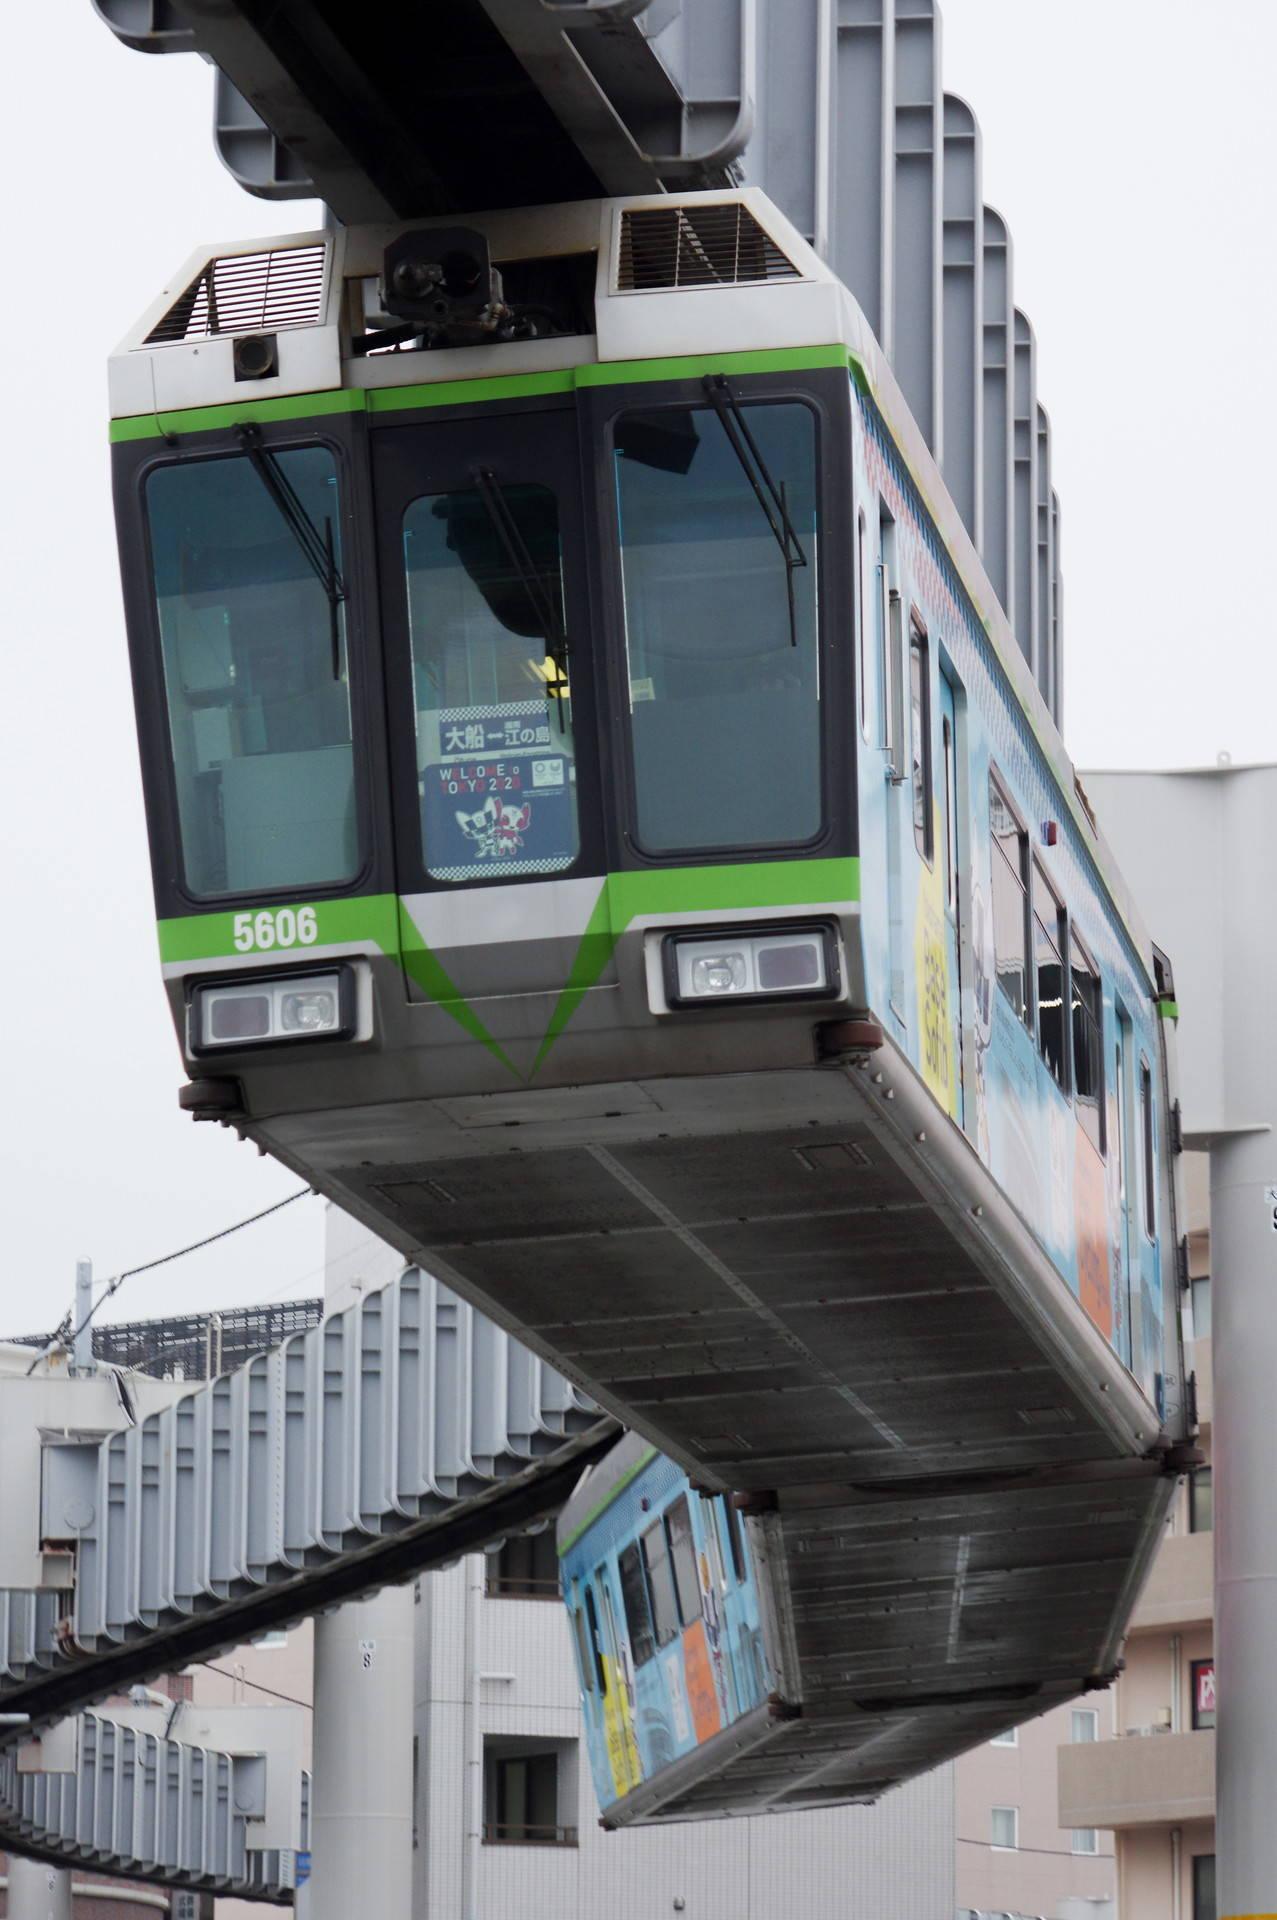 5000系5605編成 「TOKYO2020 湘南ラッピングトレイン」